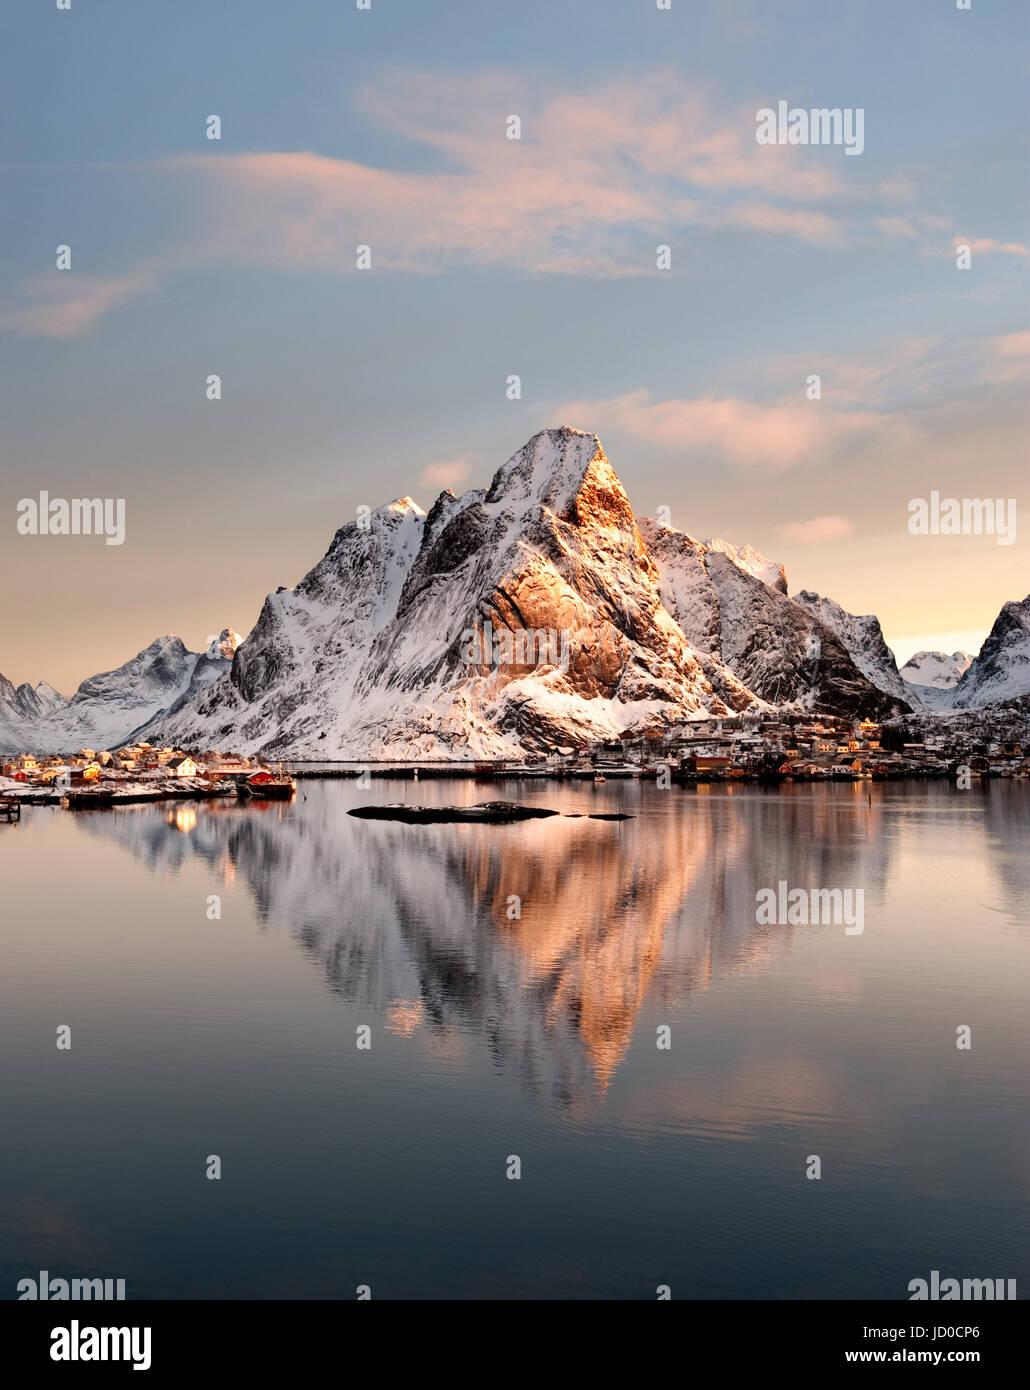 Olstind montage reflète dans les eaux calmes d'Reinfjord sur les îles Lofoten Banque D'Images